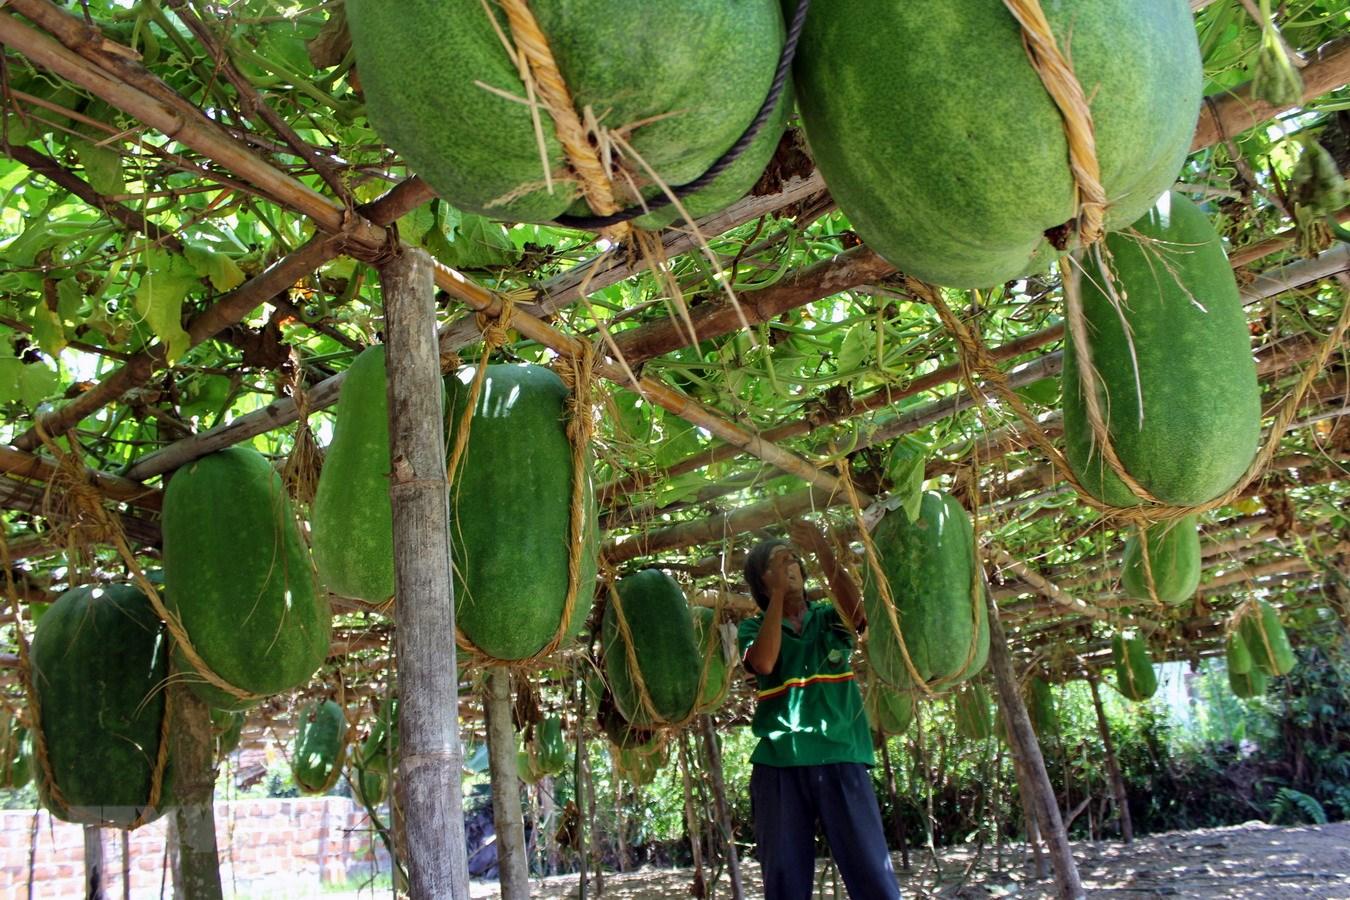 Siêu to khổng lồ hay có màu sắc đặc biệt: 7 loại quả đang trồng ở Việt Nam này tới người Việt chưa chắc đã biết - Ảnh 2.